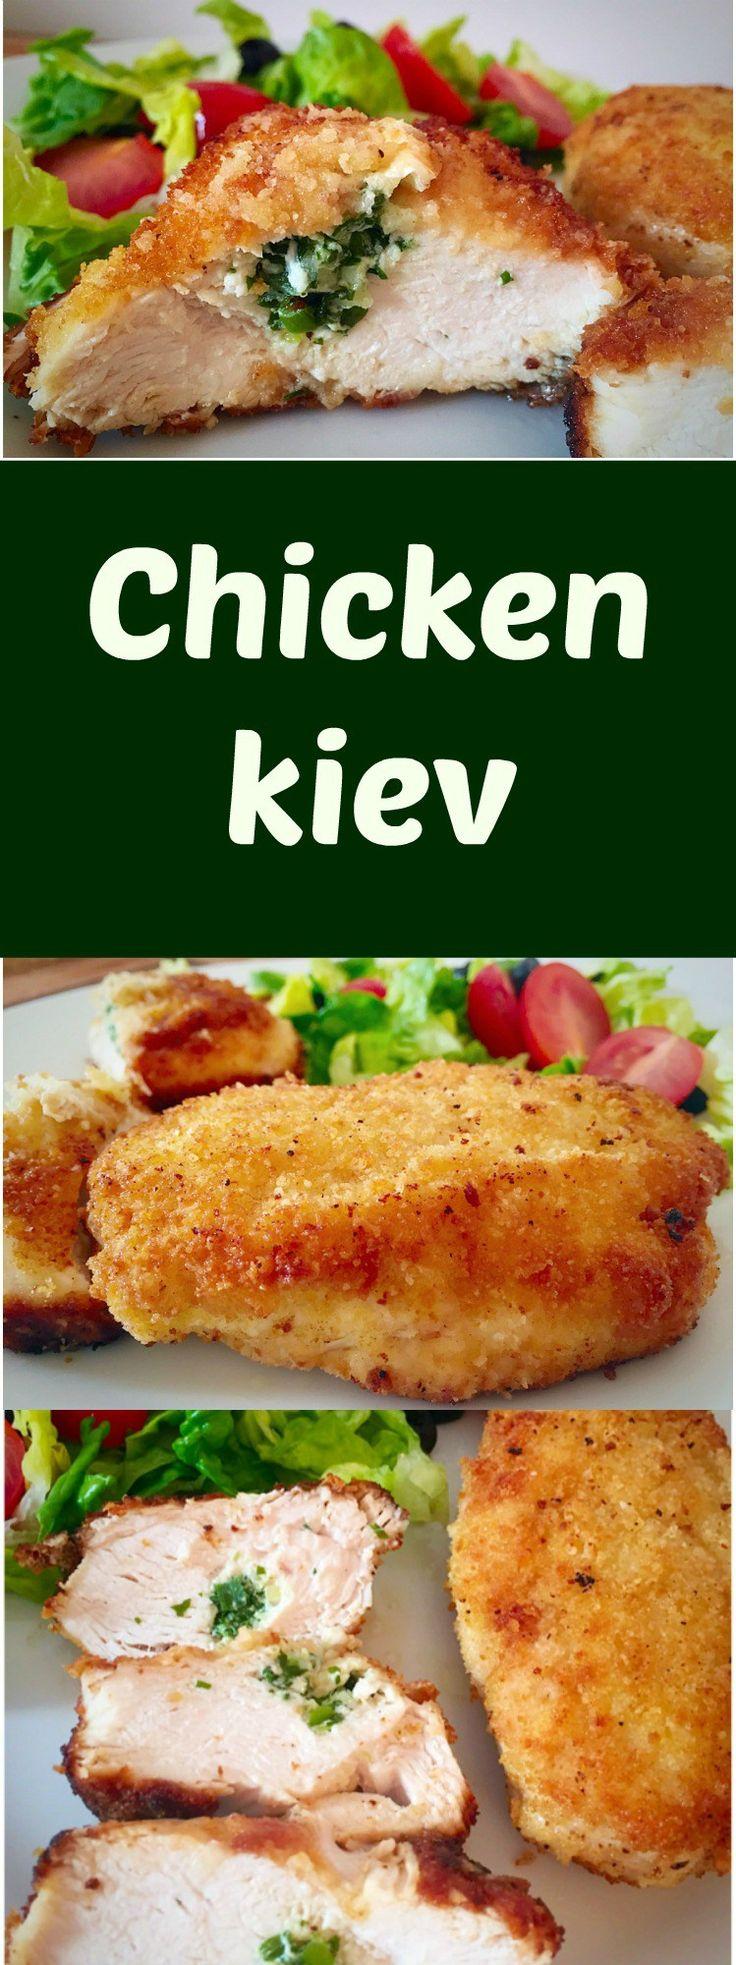 17 Best ideas about Chicken Kiev Recipe on Pinterest ...